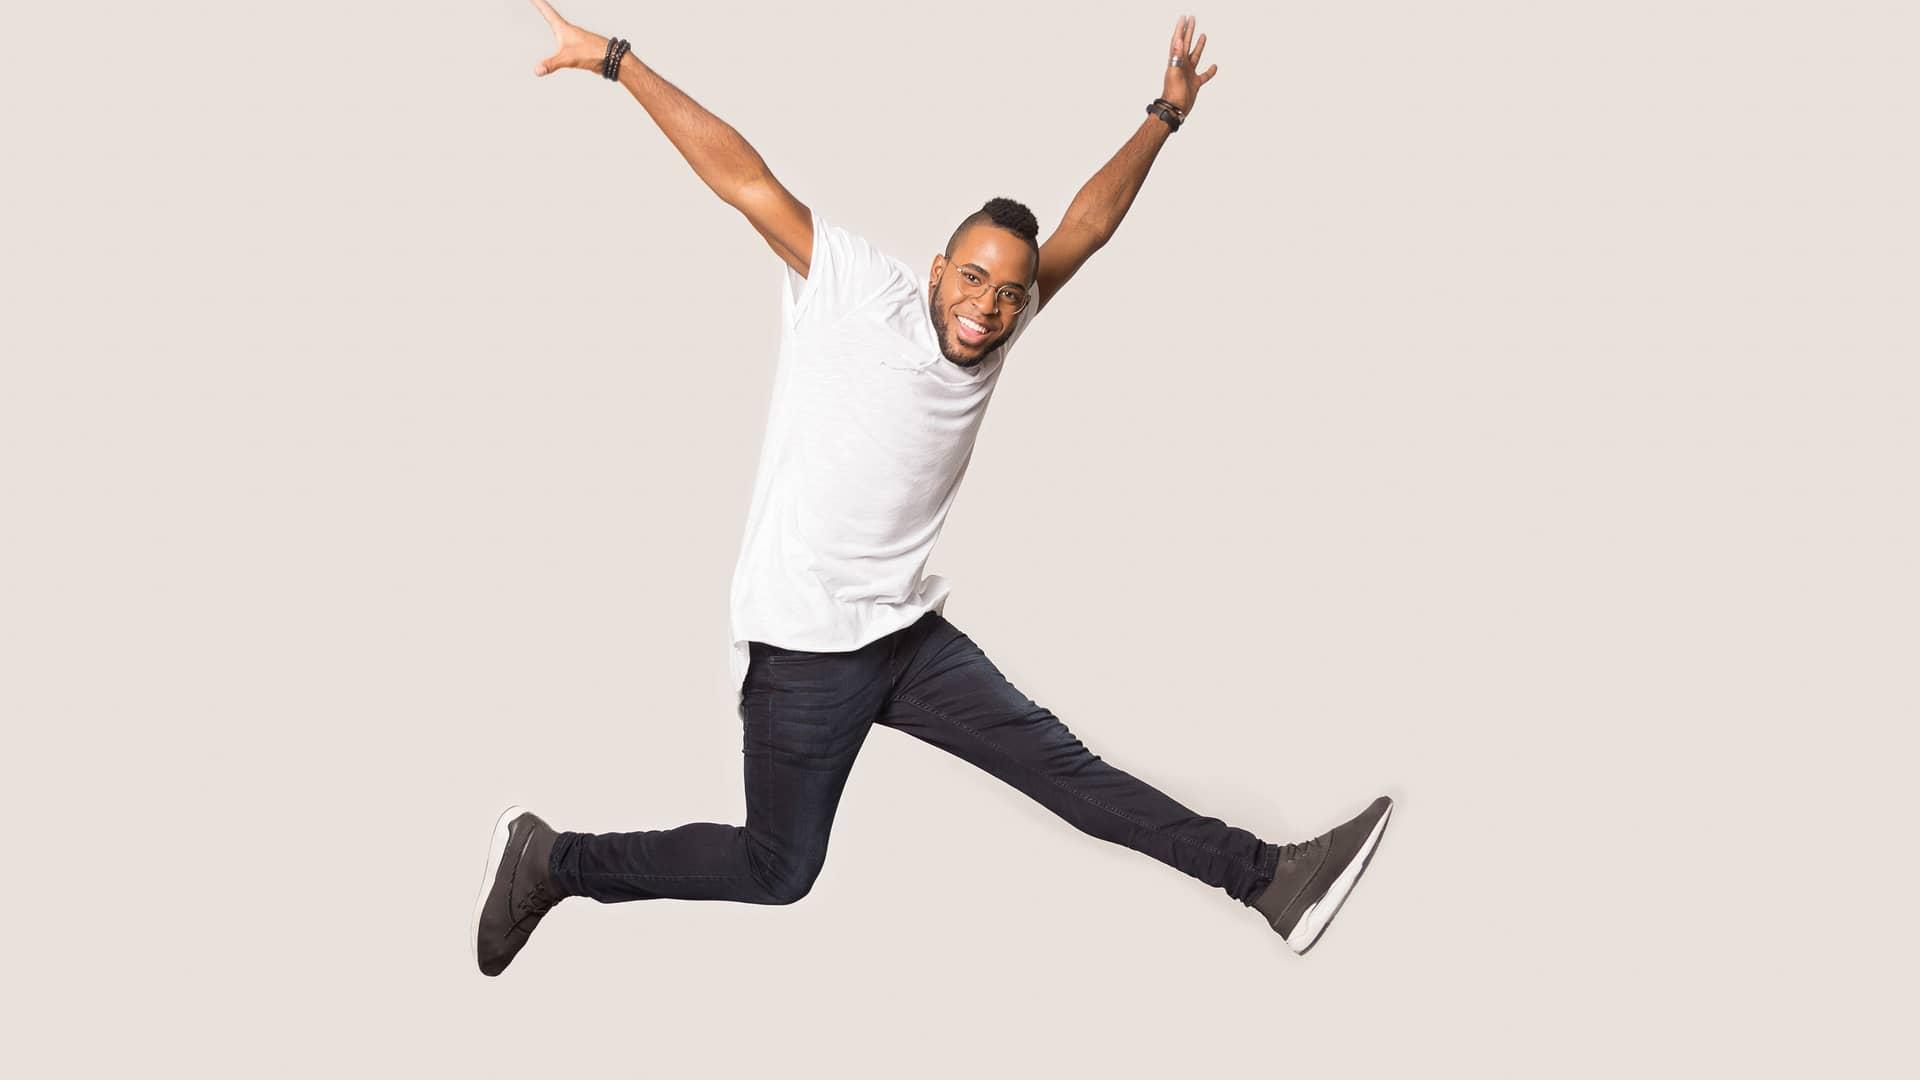 Hombre saltando simboliza portabilidad